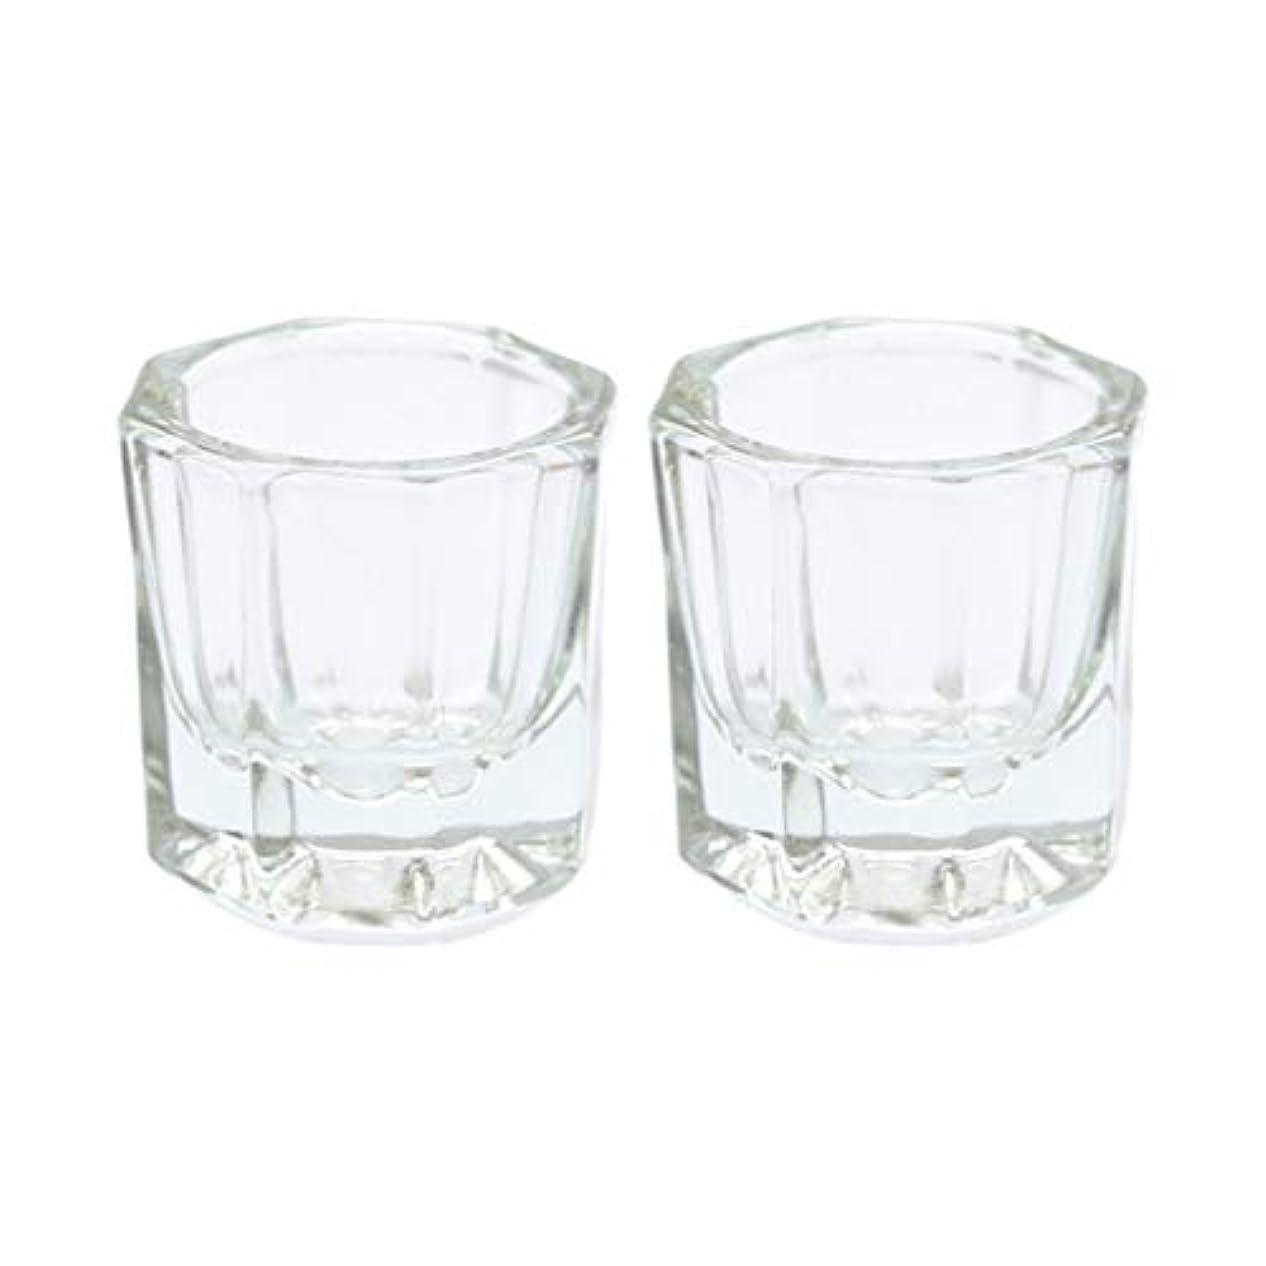 君主理論少なくともLurrose 2ピースガラスクリスタルダッペン皿ネイルアートアクリル液体粉末ダッペン皿ネイルアートツール